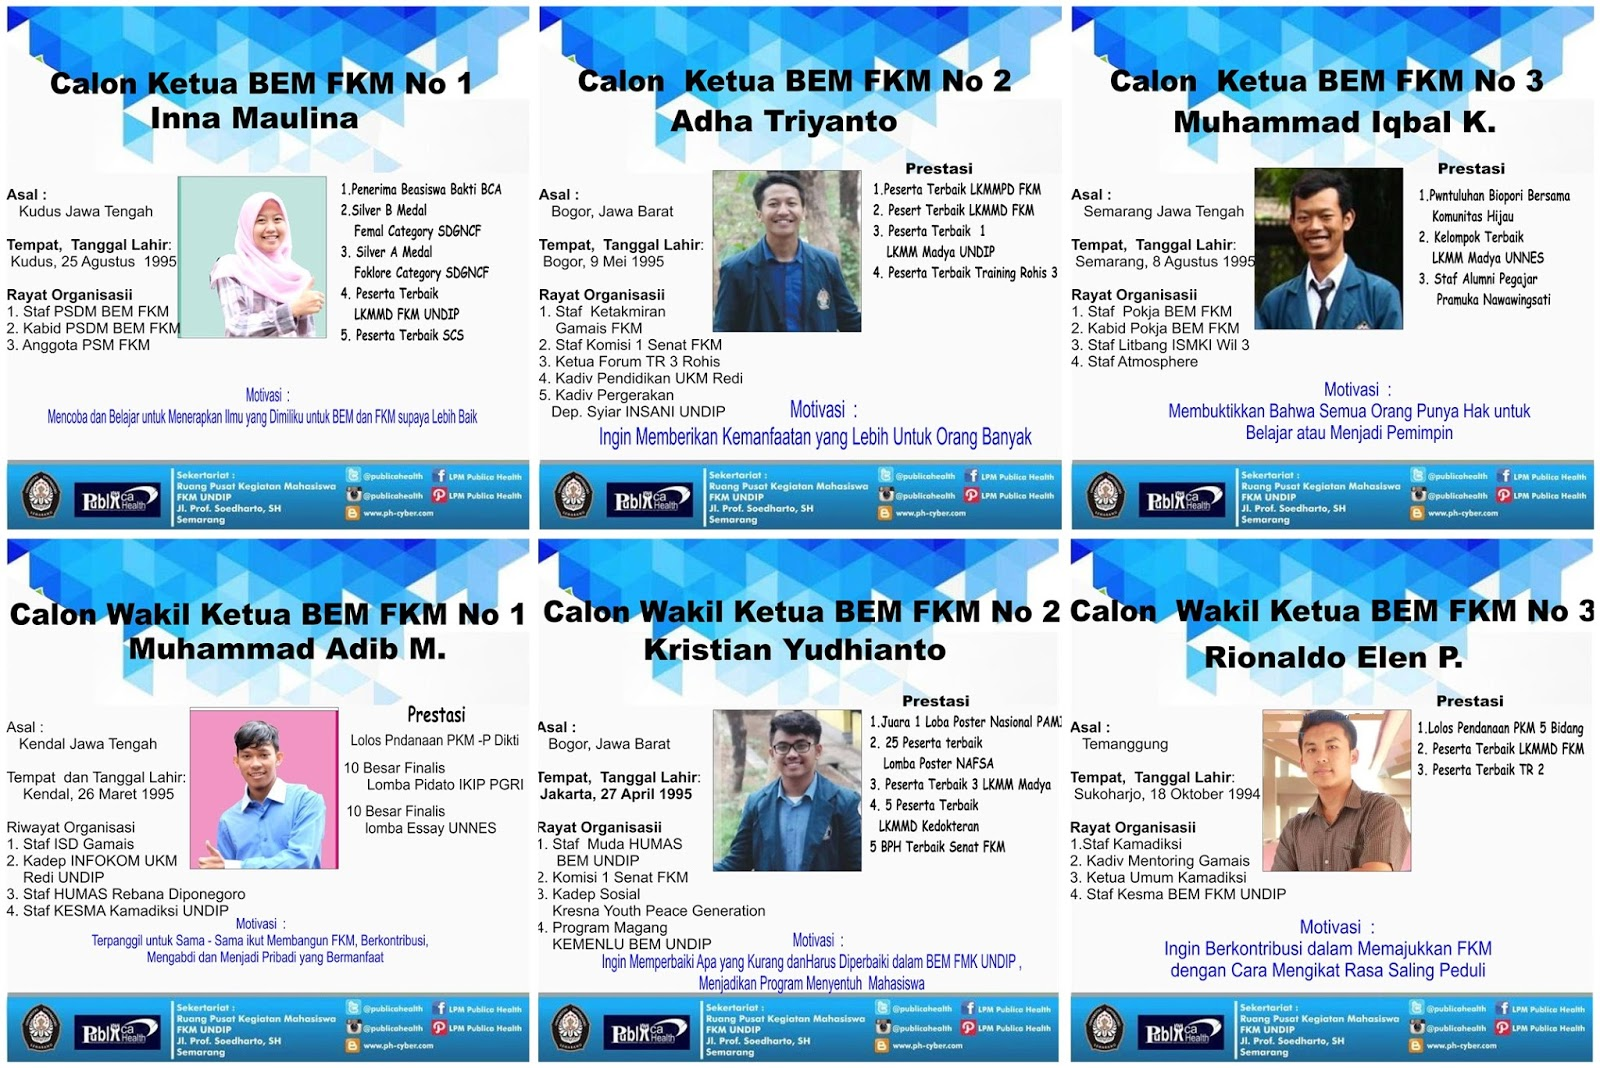 Bedah Visi Misi Calon Ketua Dan Wakil Ketua Bem Fkm Undip 2016 Lpm